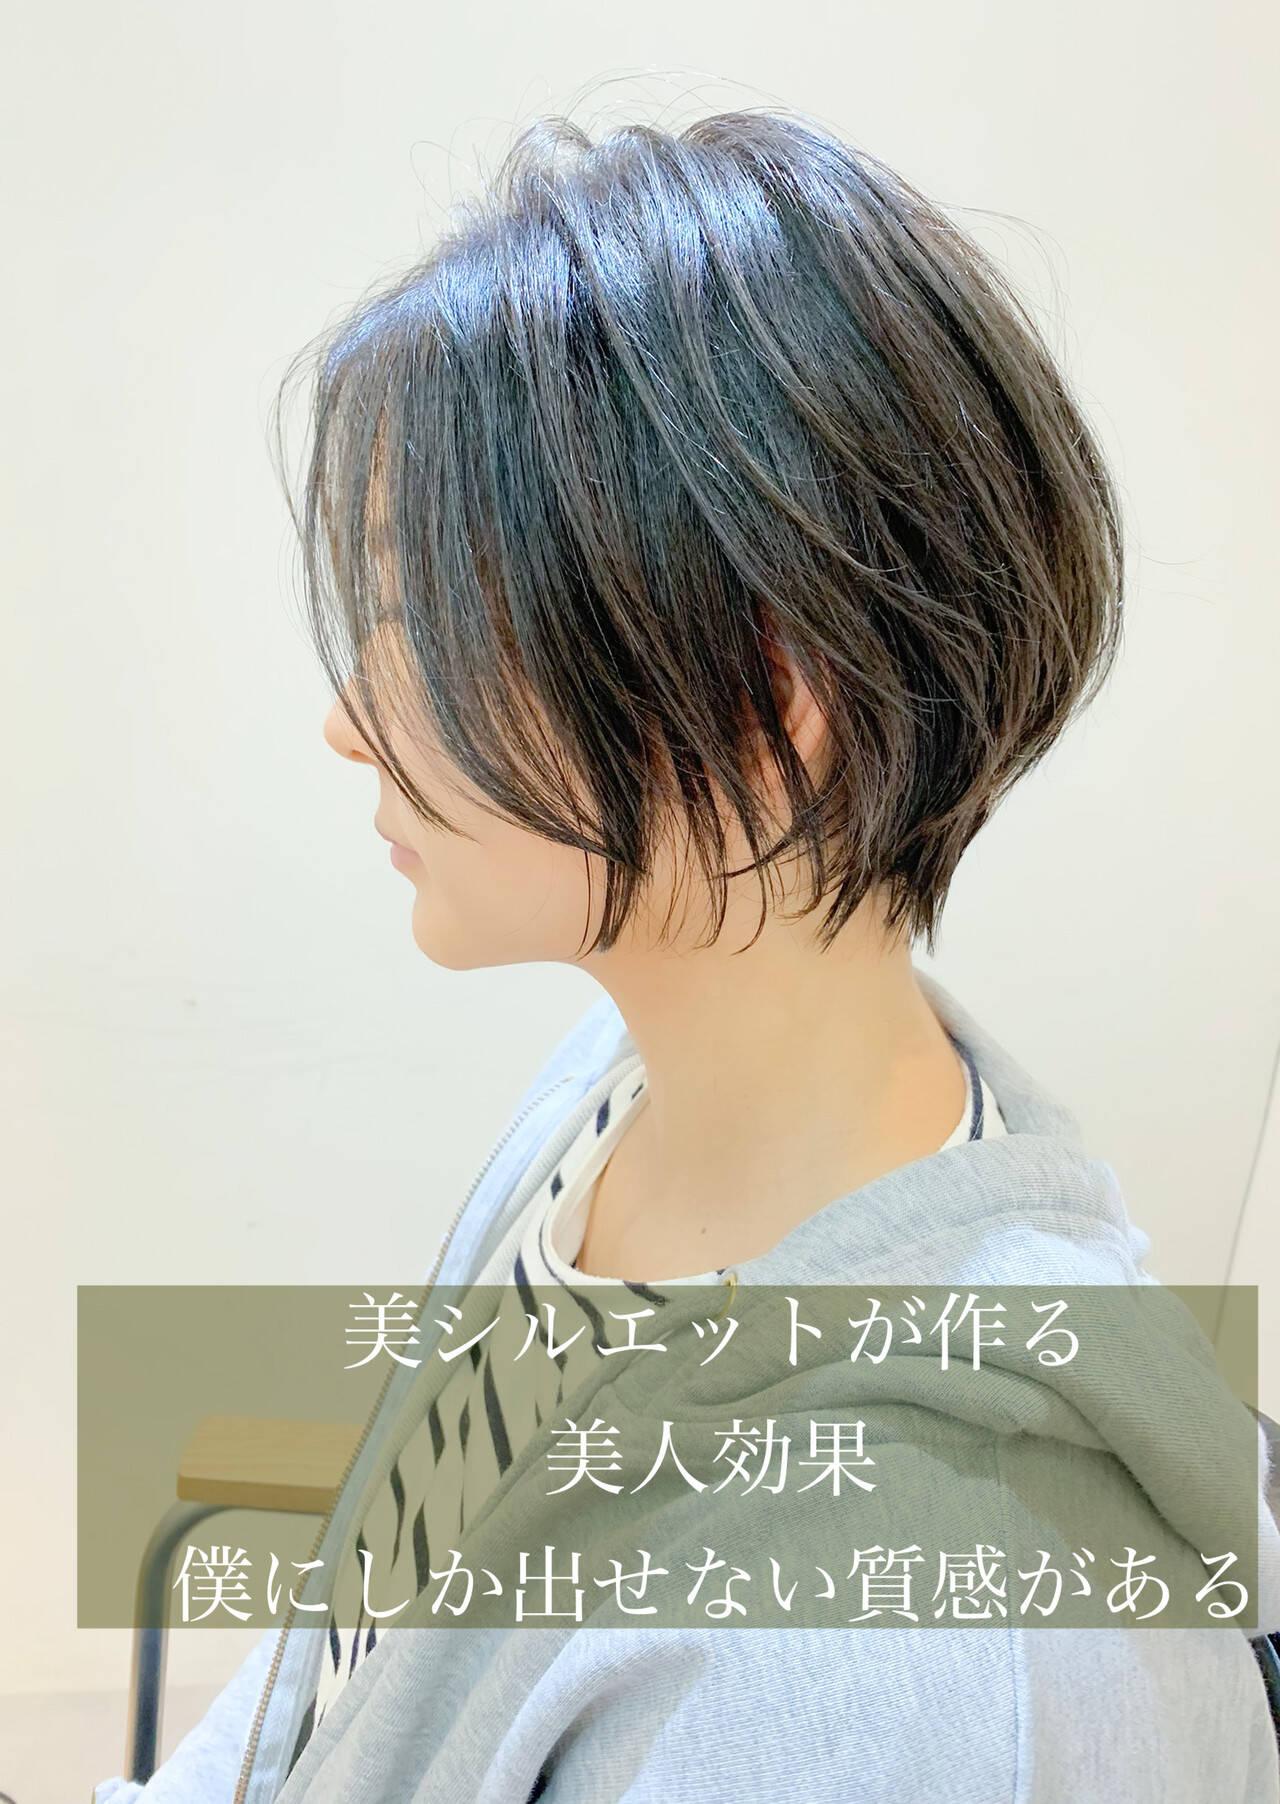 ショートボブ ミニボブ フェミニン ショートヘアスタイルや髪型の写真・画像